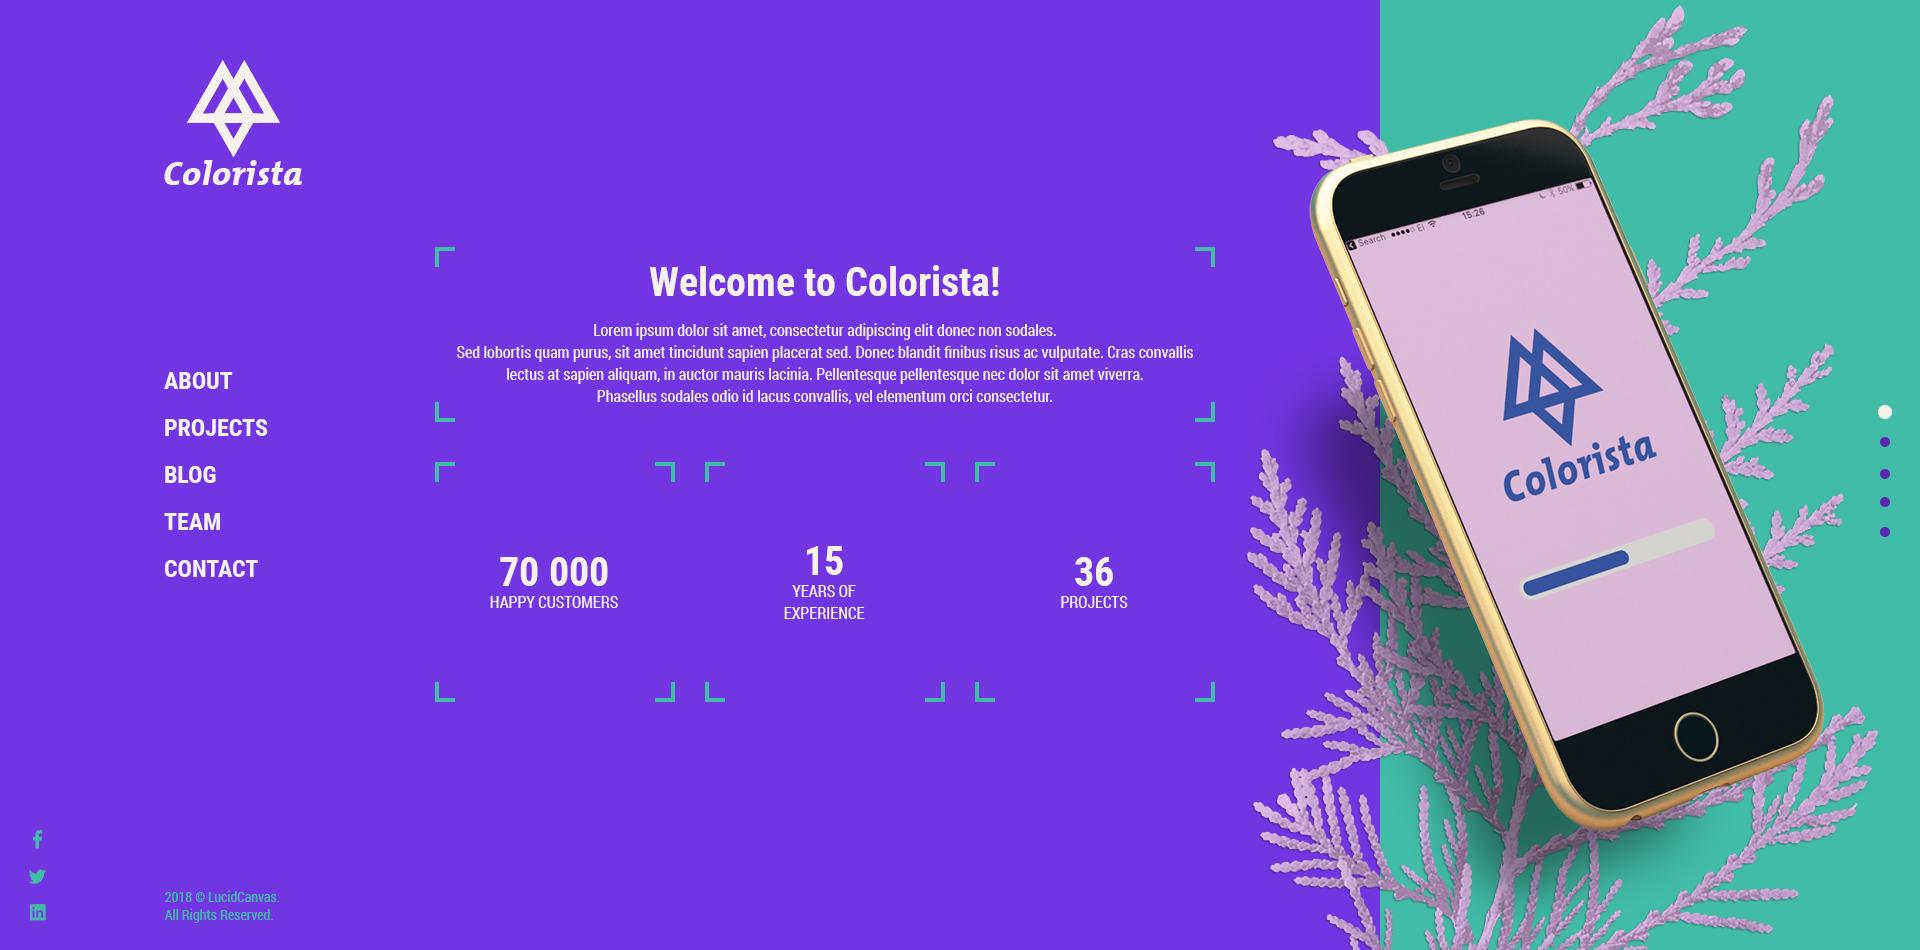 Colorista - Corporate Business / Portfolio Responsive Website PSD Template